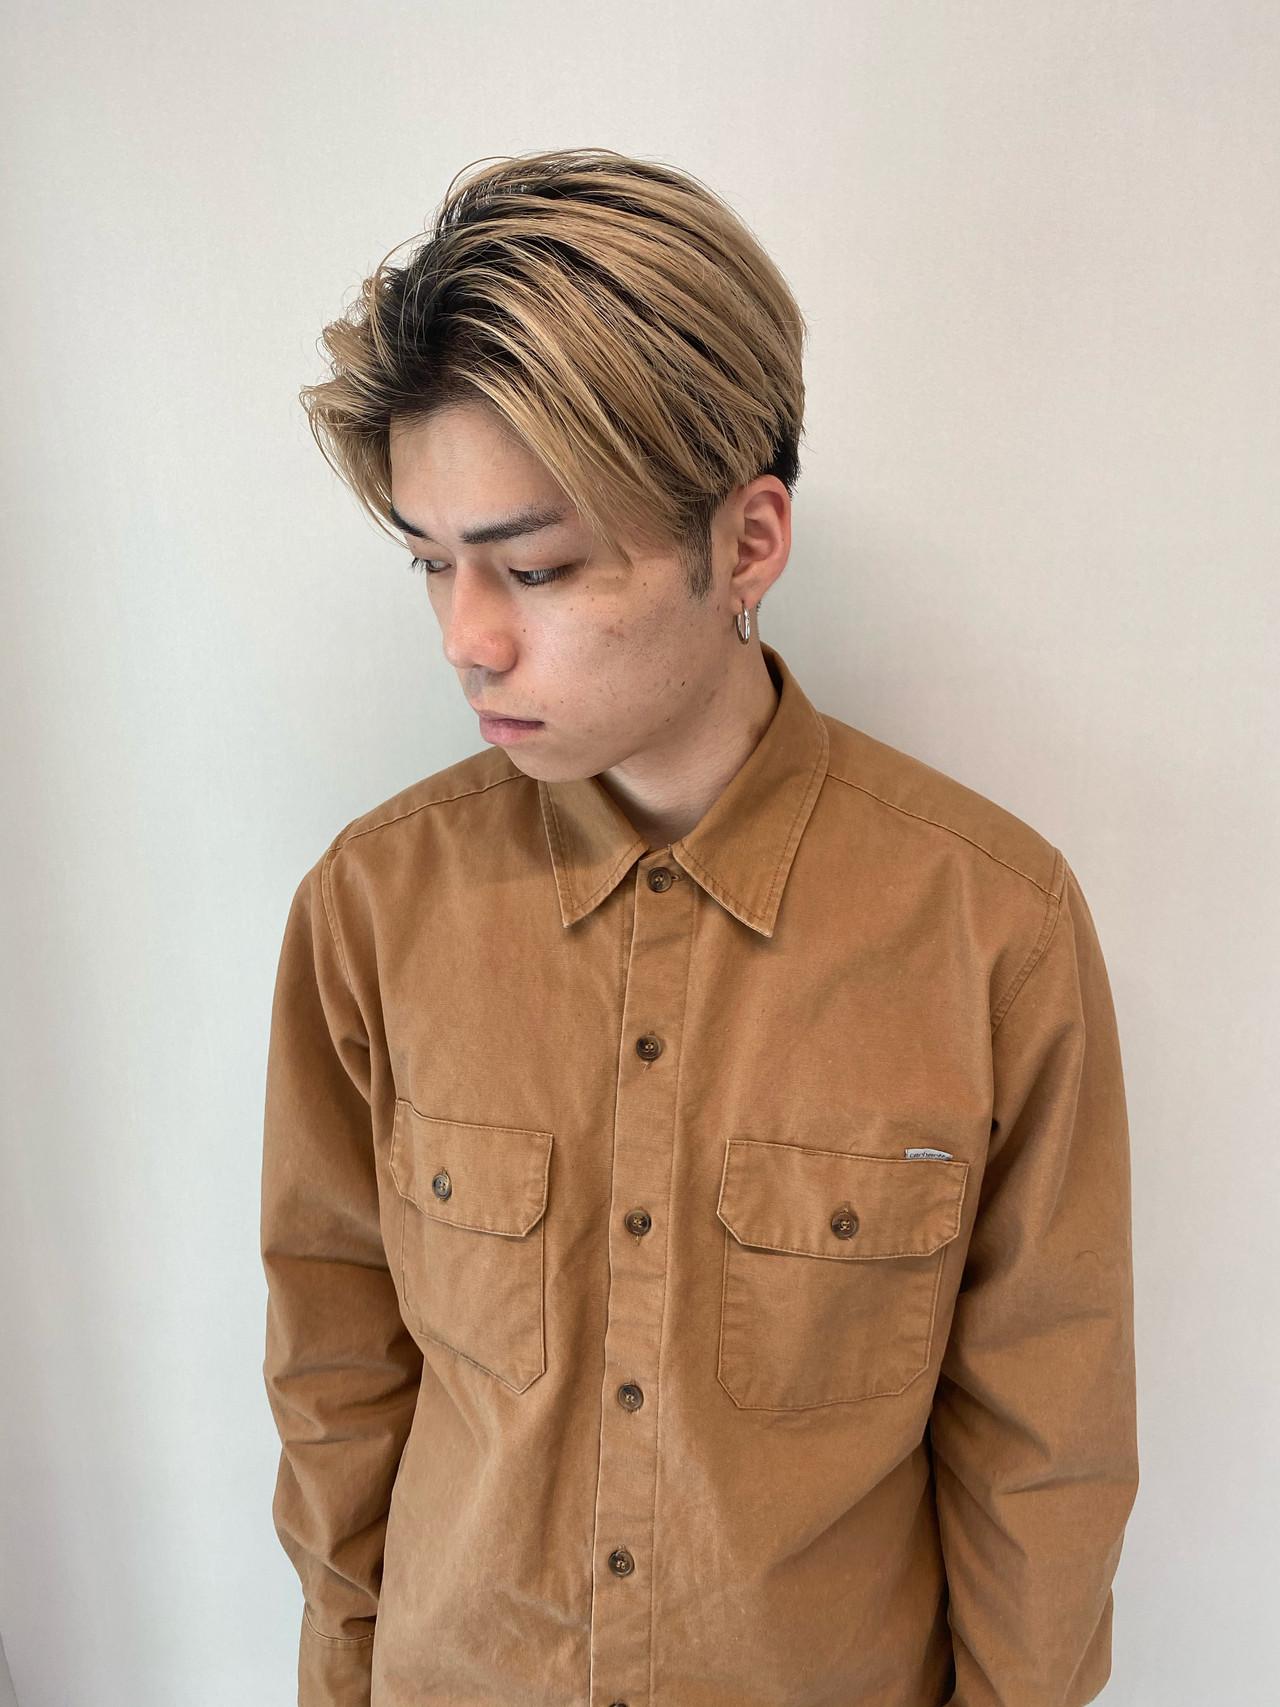 メンズカジュアル ストリート メンズヘア ショート ヘアスタイルや髪型の写真・画像 | 永野正芳(ニコフクオカヘアメイク 天神) / NIKO  Fukuoka Hairmake